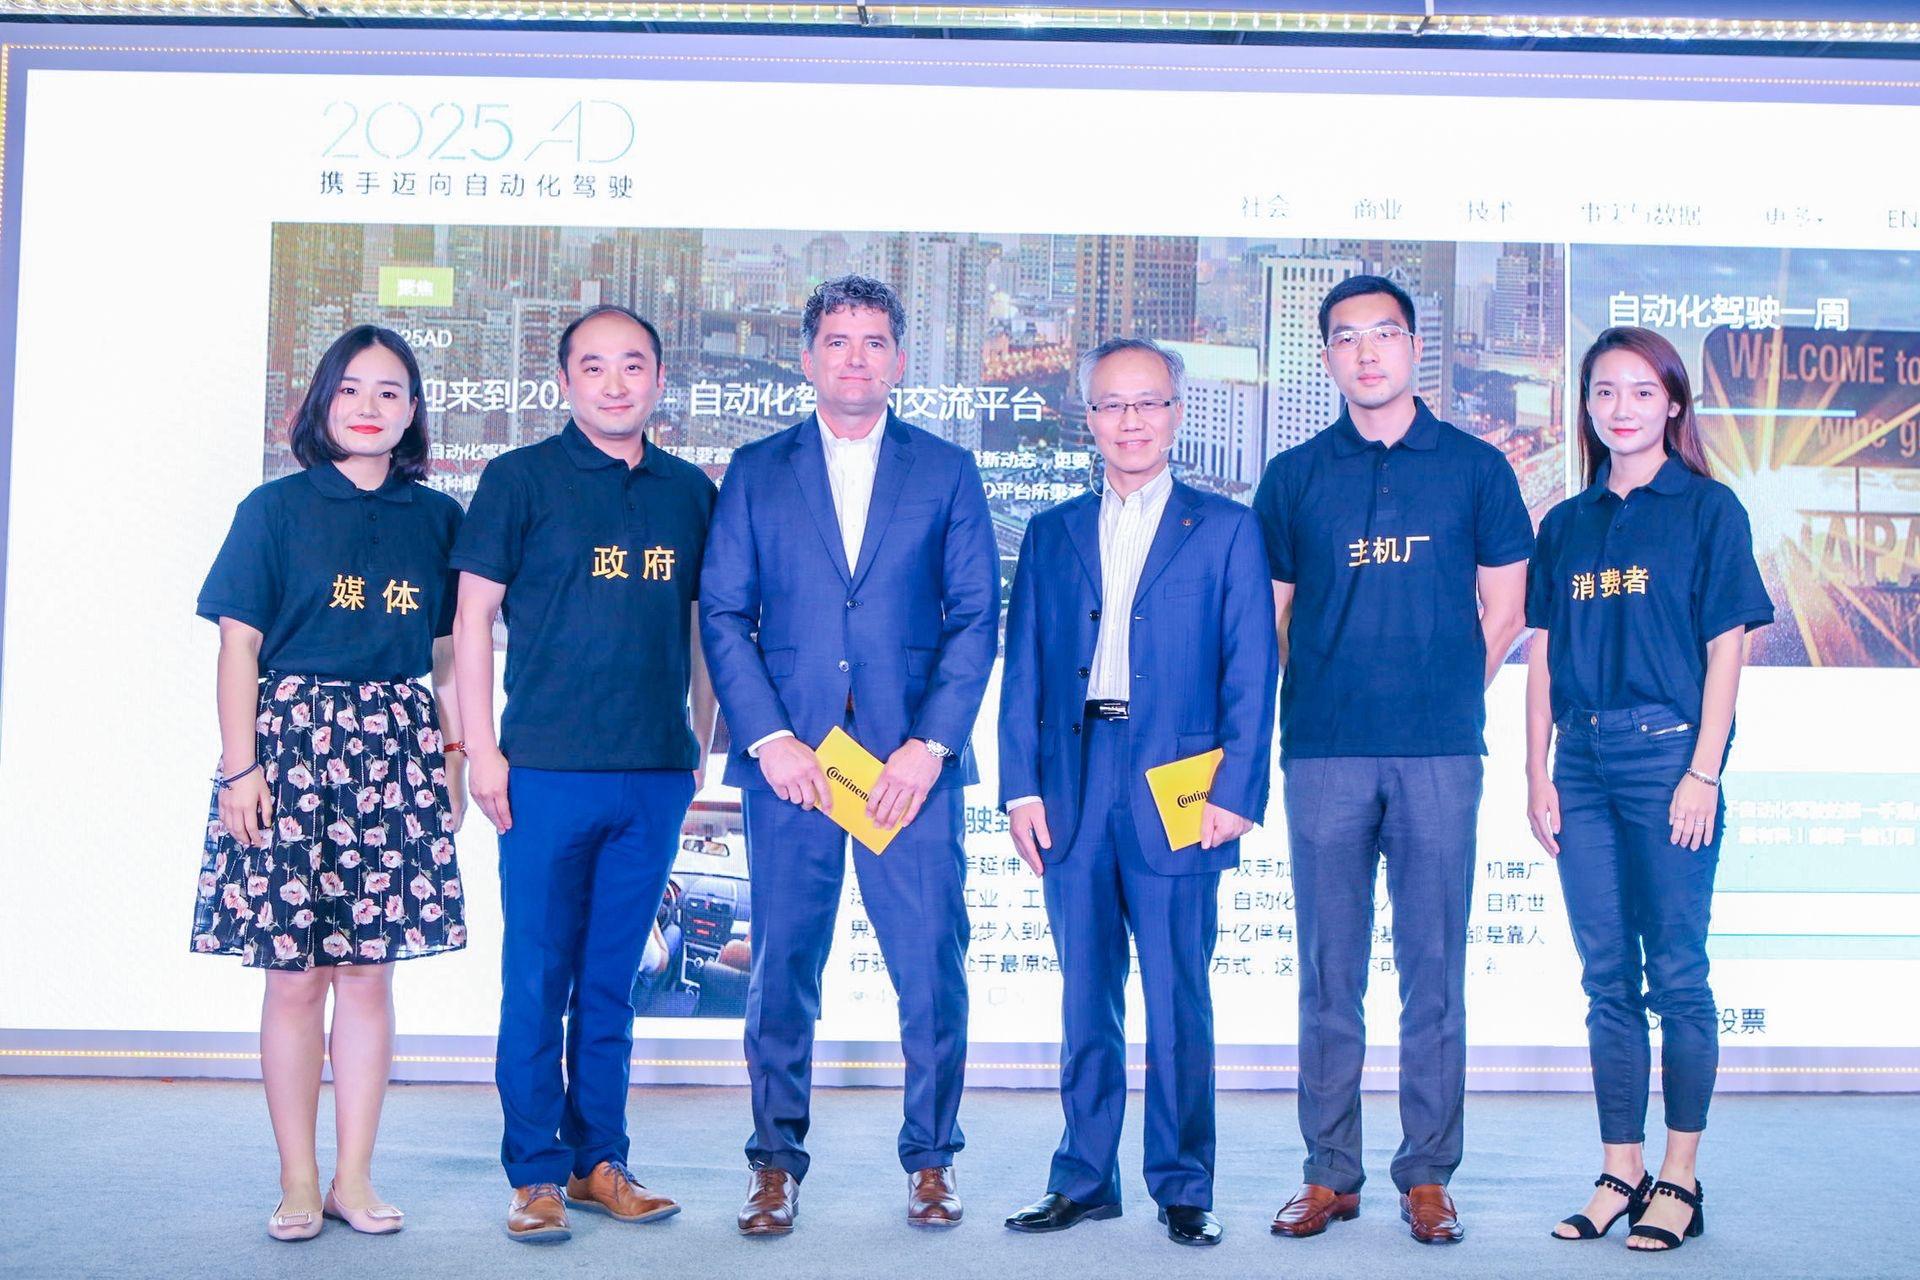 号召群策群力, 大陆集团发布国内首个自动化驾驶在线交流平台_2025AD.CN